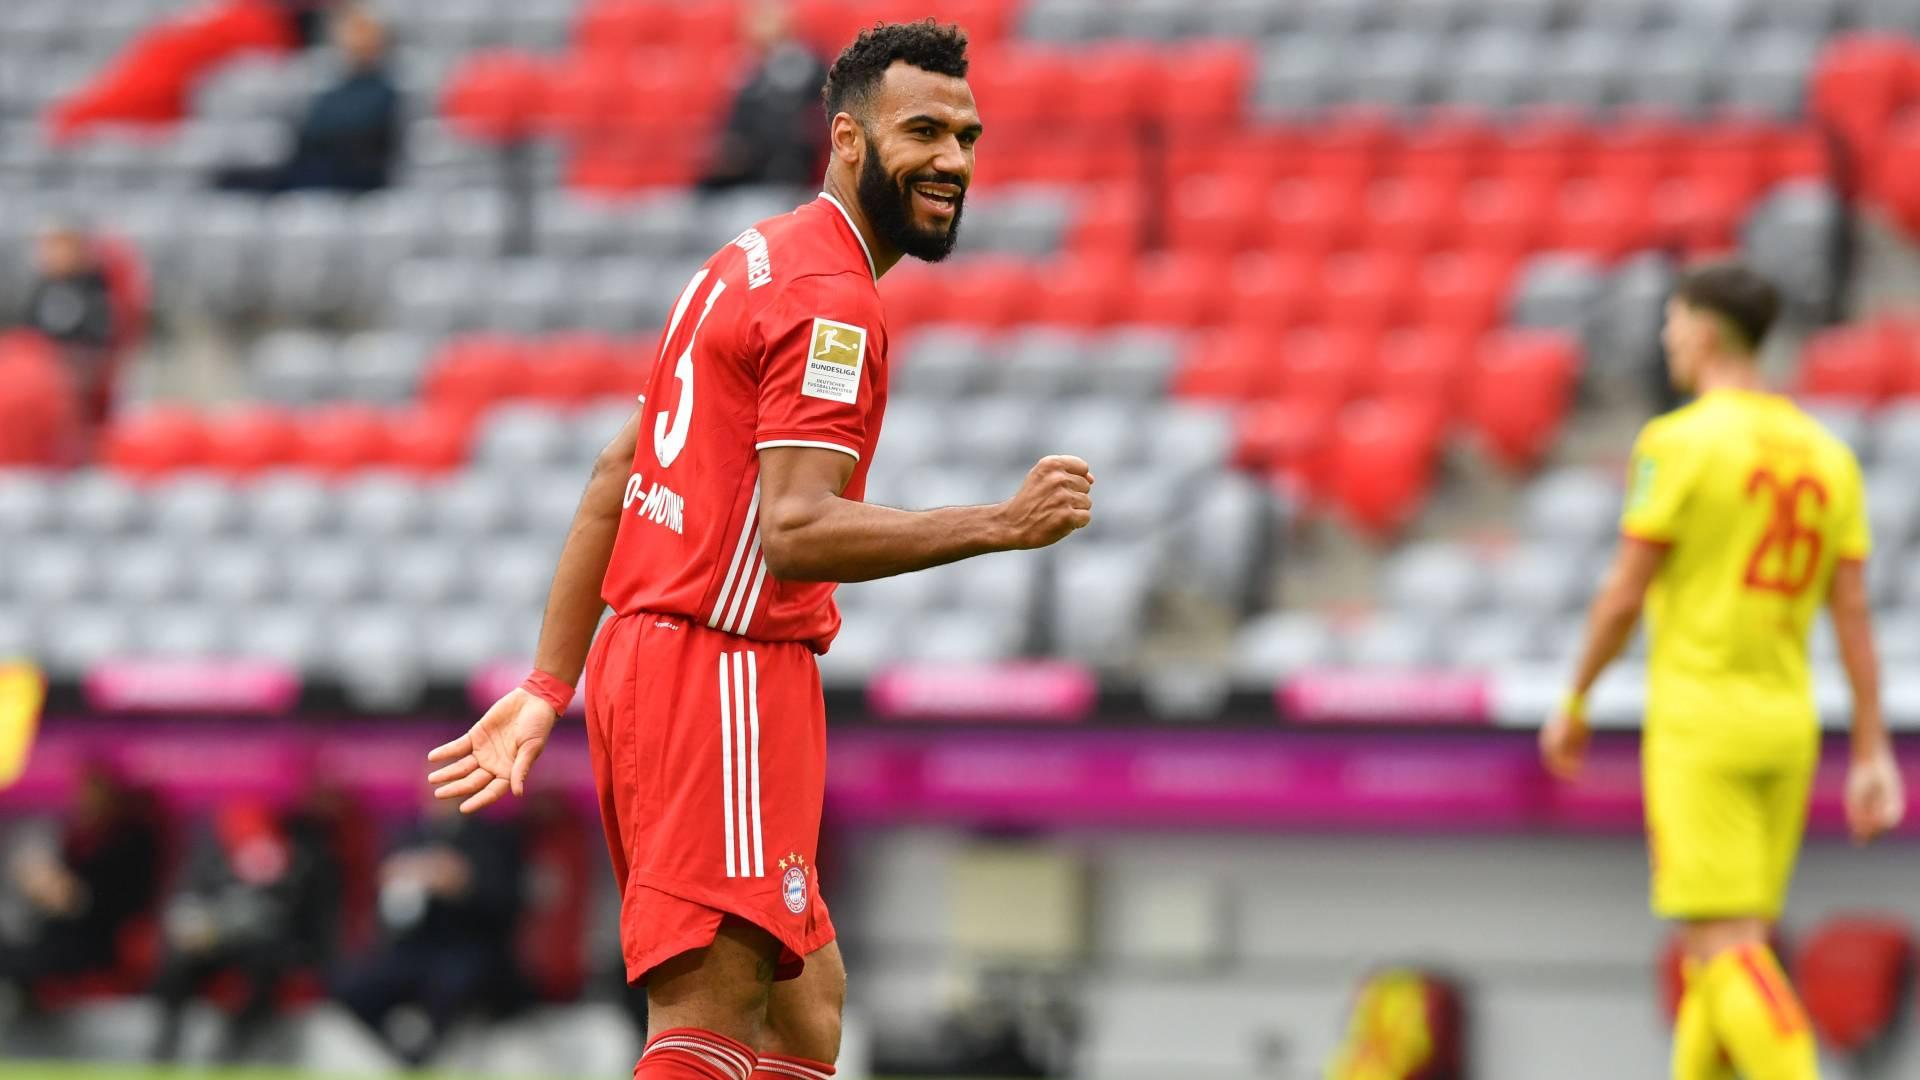 Bayern Monaco-PSG, le formazioni ufficiali: Choupo-Moting e Draxler dal 1′